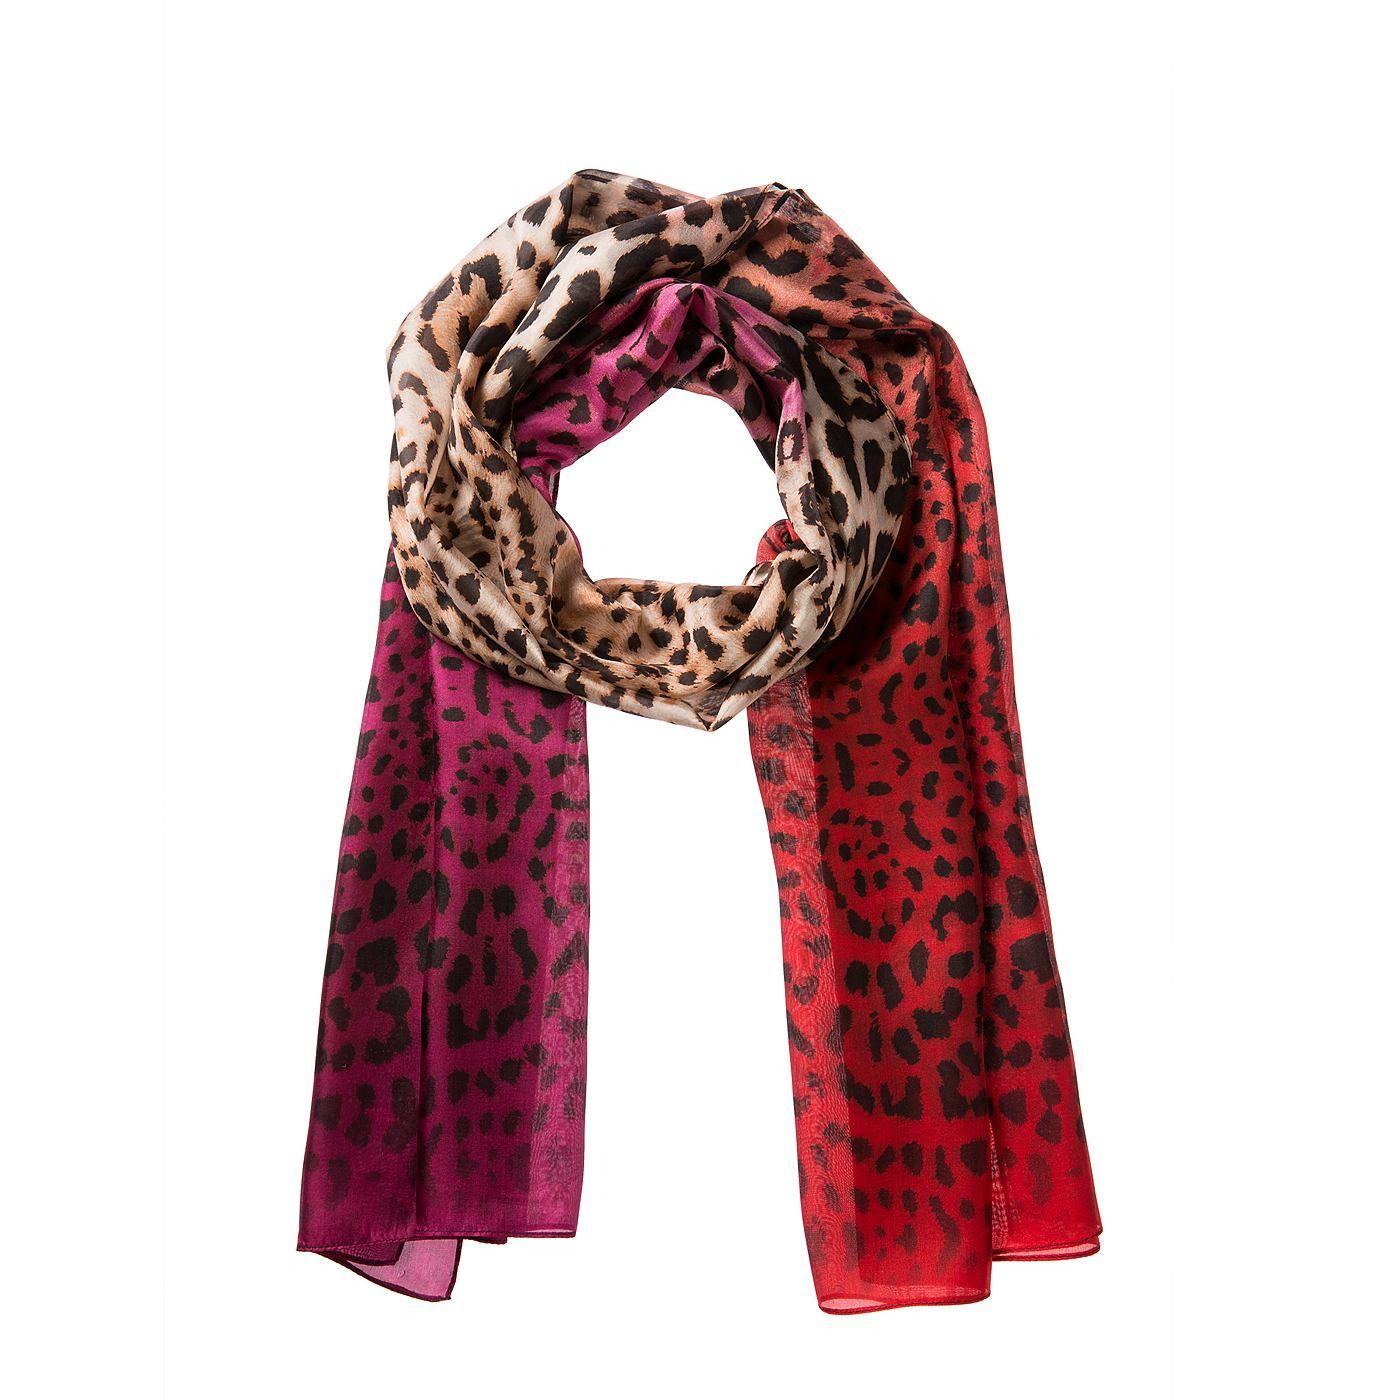 """Dieser Schal kommt selbstbewusst und extrovertiert daher. Das liegt am ,,wilden"""" Leomuster und der modischen Ombré-Färbung an den Enden. Durch die reine, fließende Seide bleibt er dabei feminin und edel. Stark zu simplen, monochrom gehaltenen Looks! Material: 100% Seide..."""